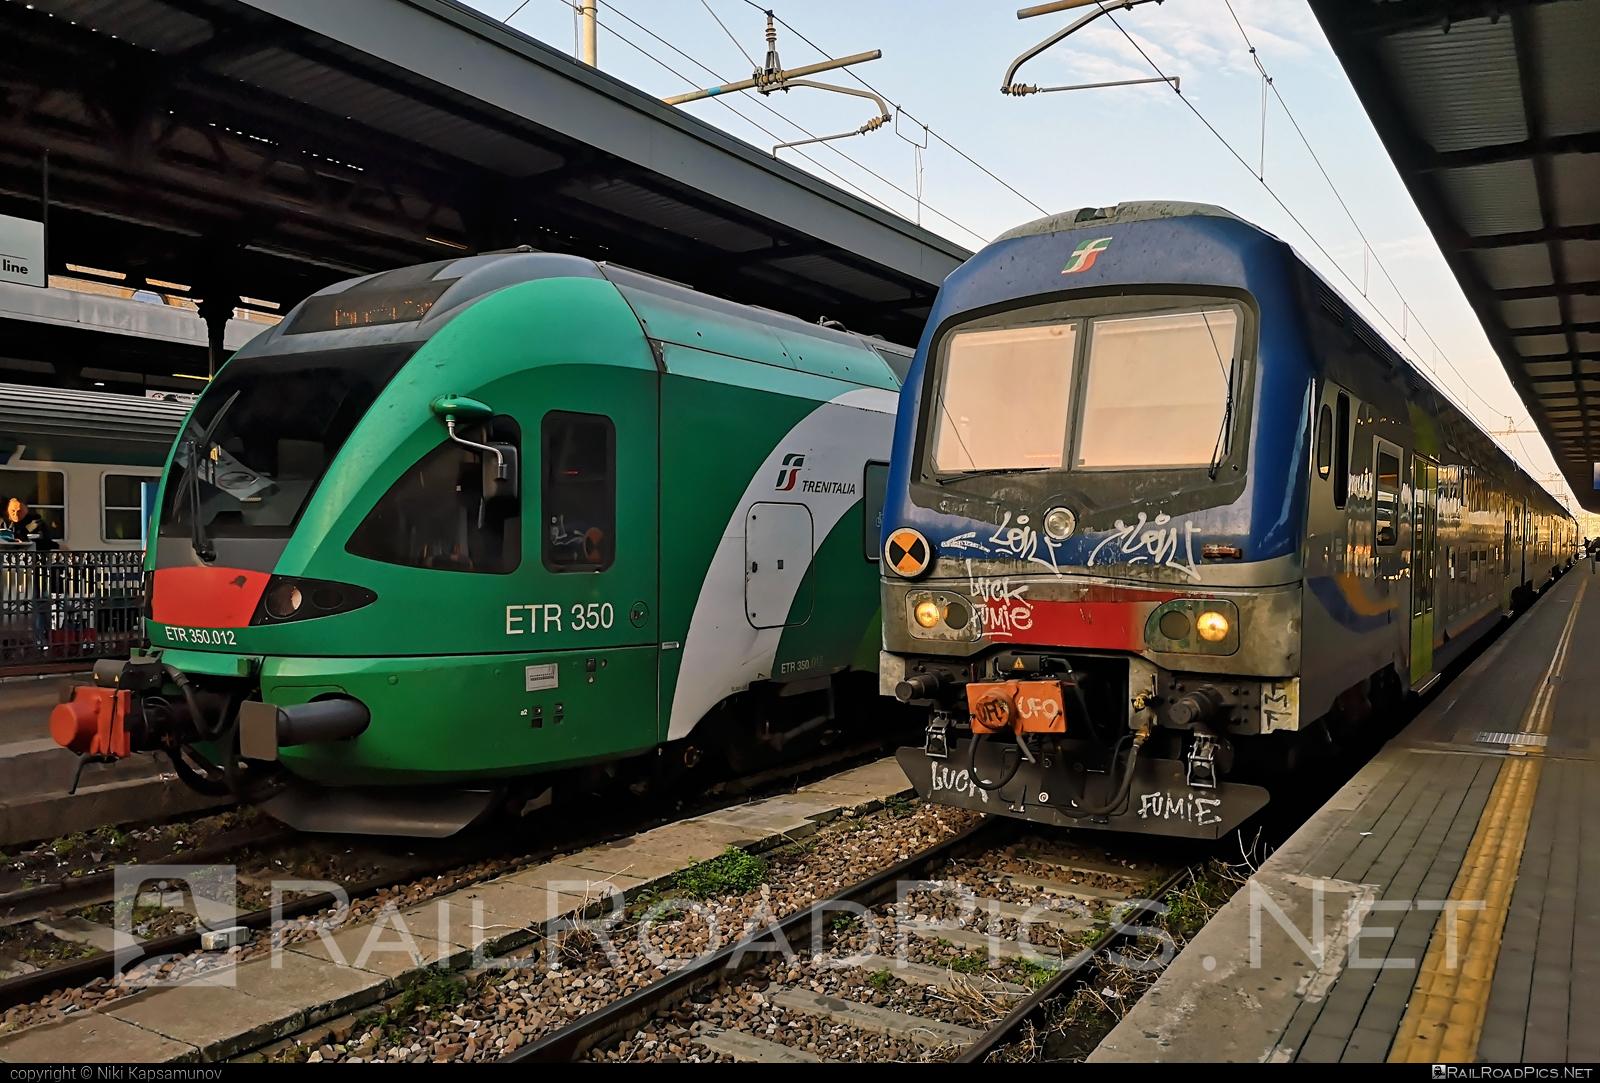 Stadler FLIRT - ETR 350.012 operated by Trenitalia S.p.A. #ferroviedellostato #fs #fsitaliane #stadler #stadlerflirt #stadlerrail #stadlerrailag #trenitalia #trenitaliaspa